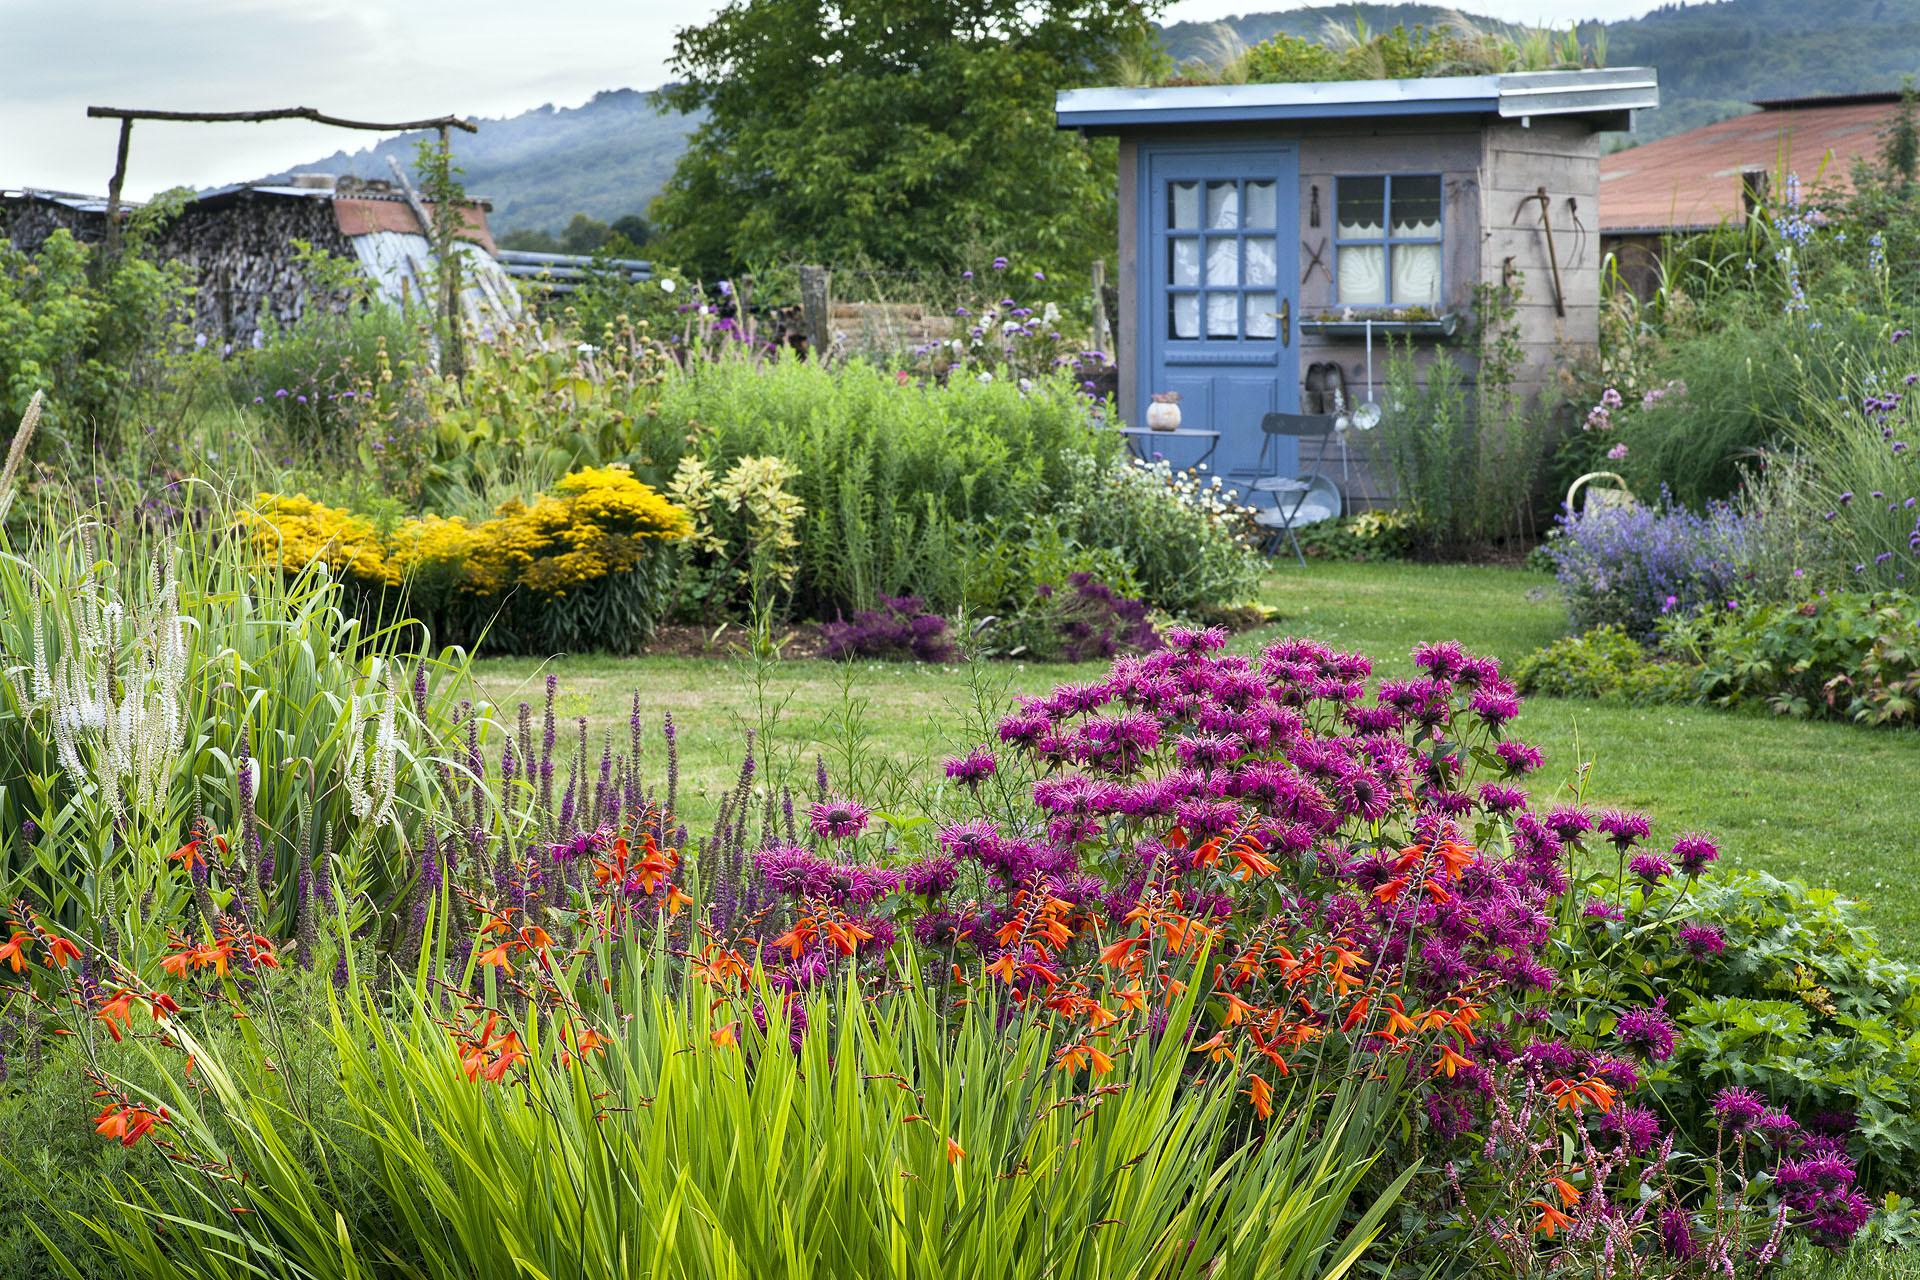 Comment Aménager Des Carrés Fleuris Dans Son Jardin ? avec Comment Realiser Un Jardin